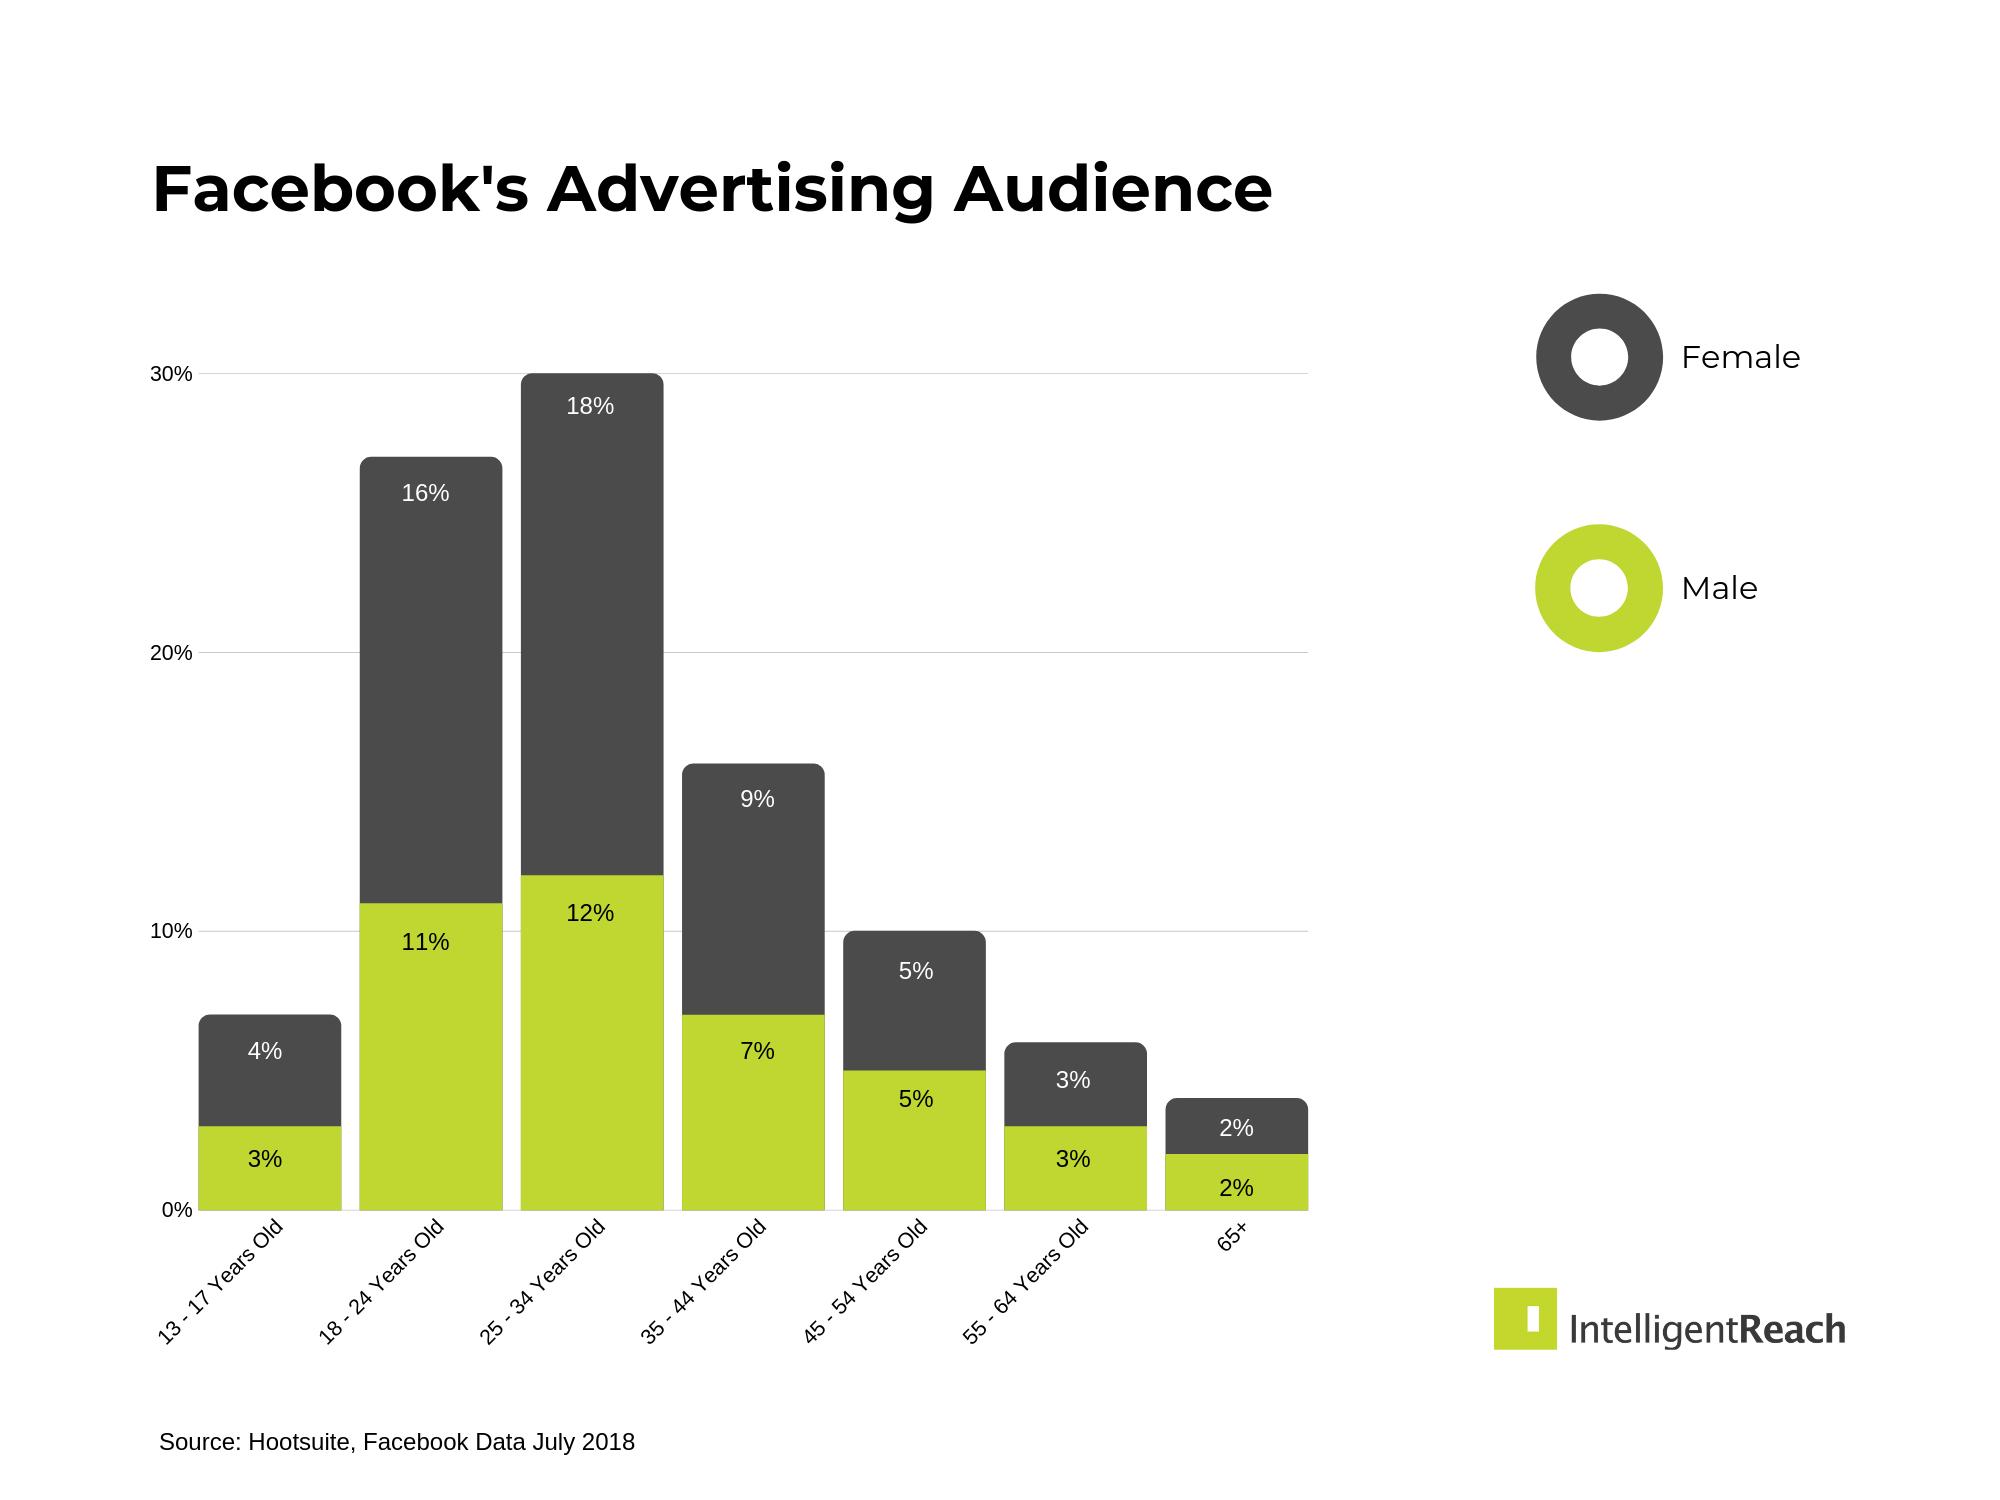 Facebook's Advertising Audience